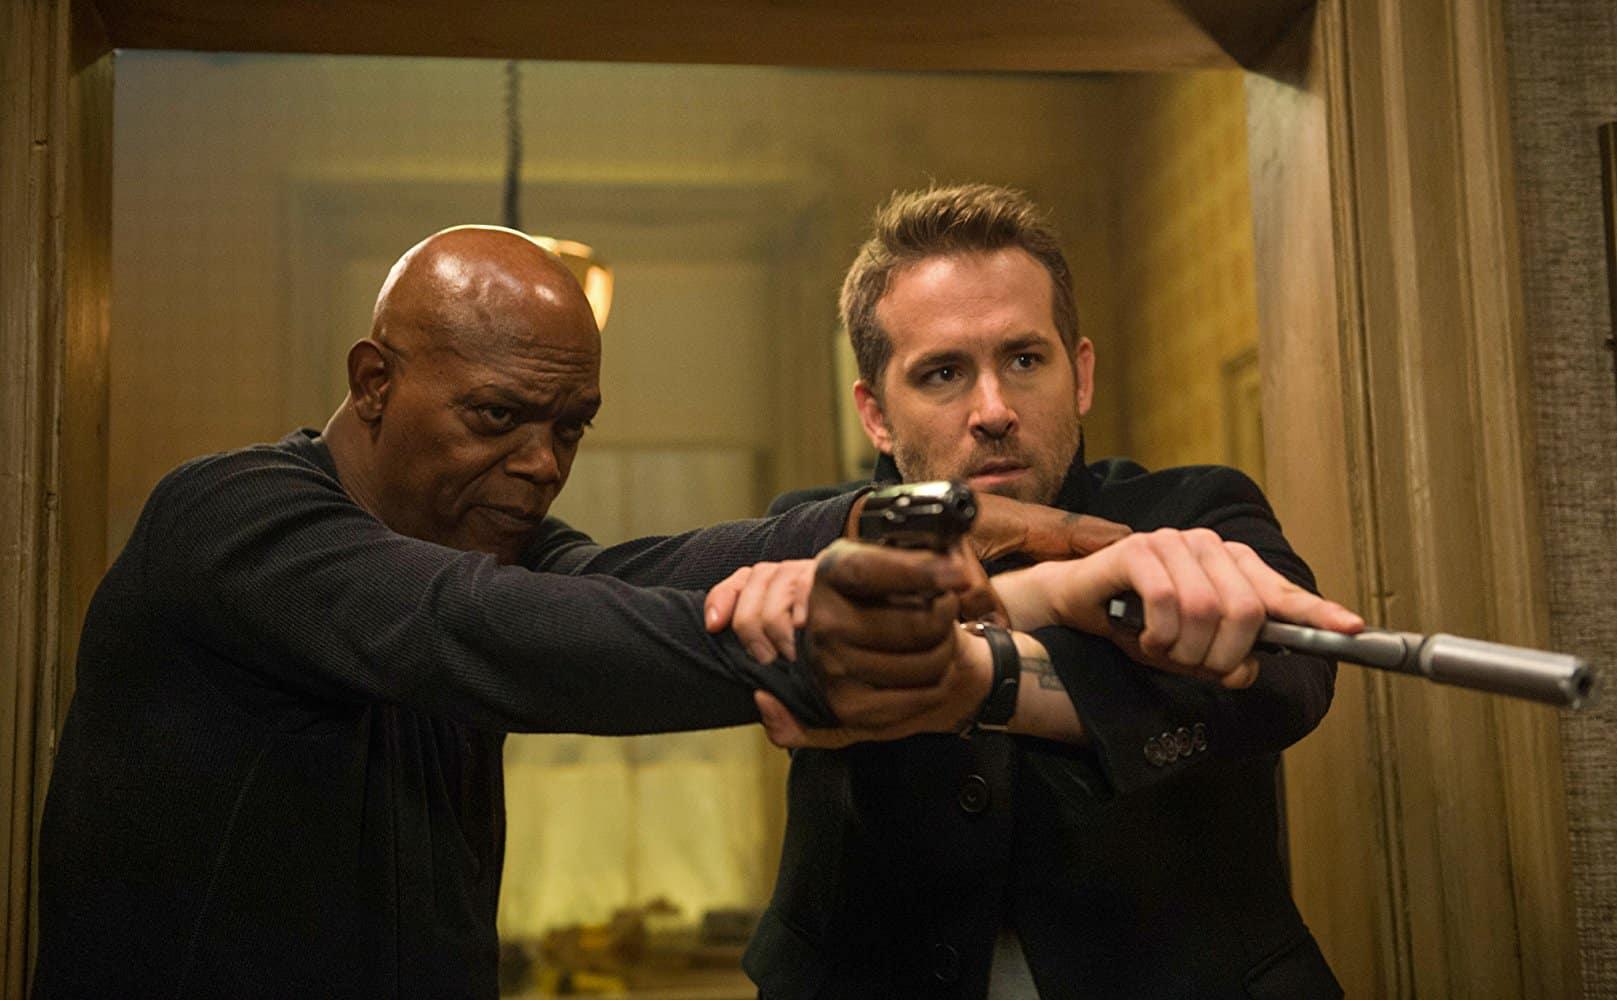 The Hitman's Bodyguard desarrolla secuela se confirma en Cannes 2018